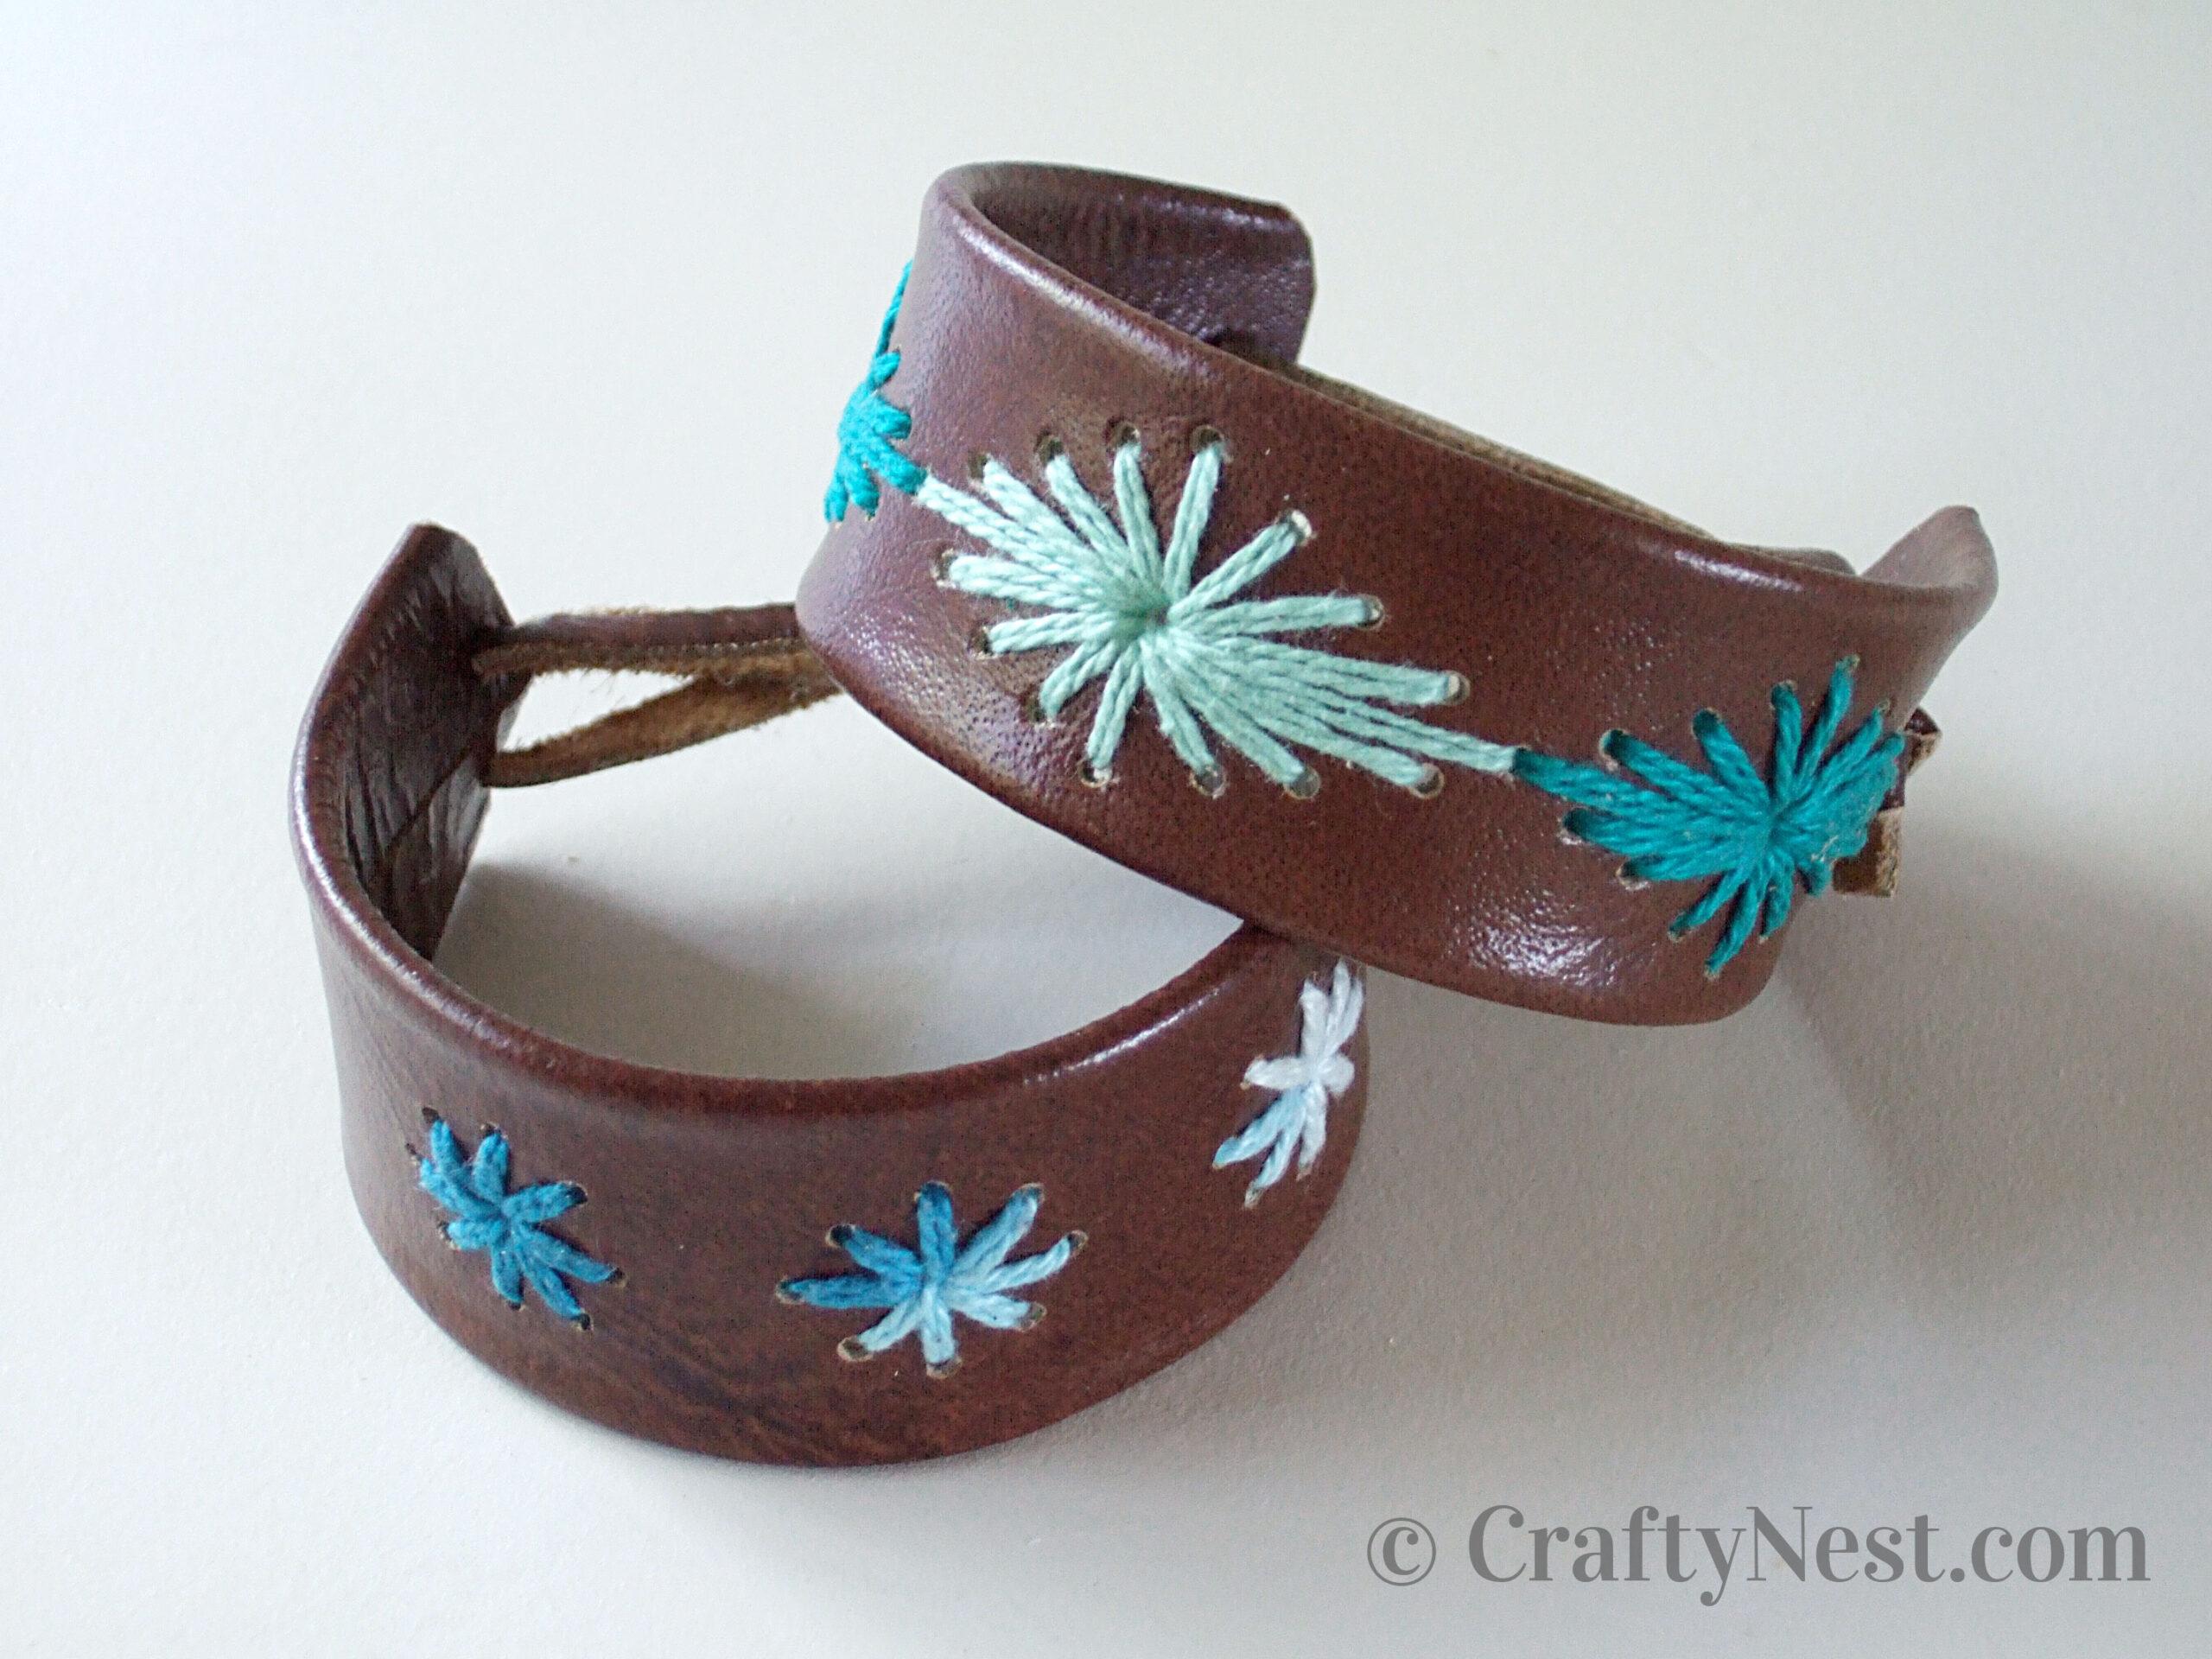 Stitched leather bracelets, photo